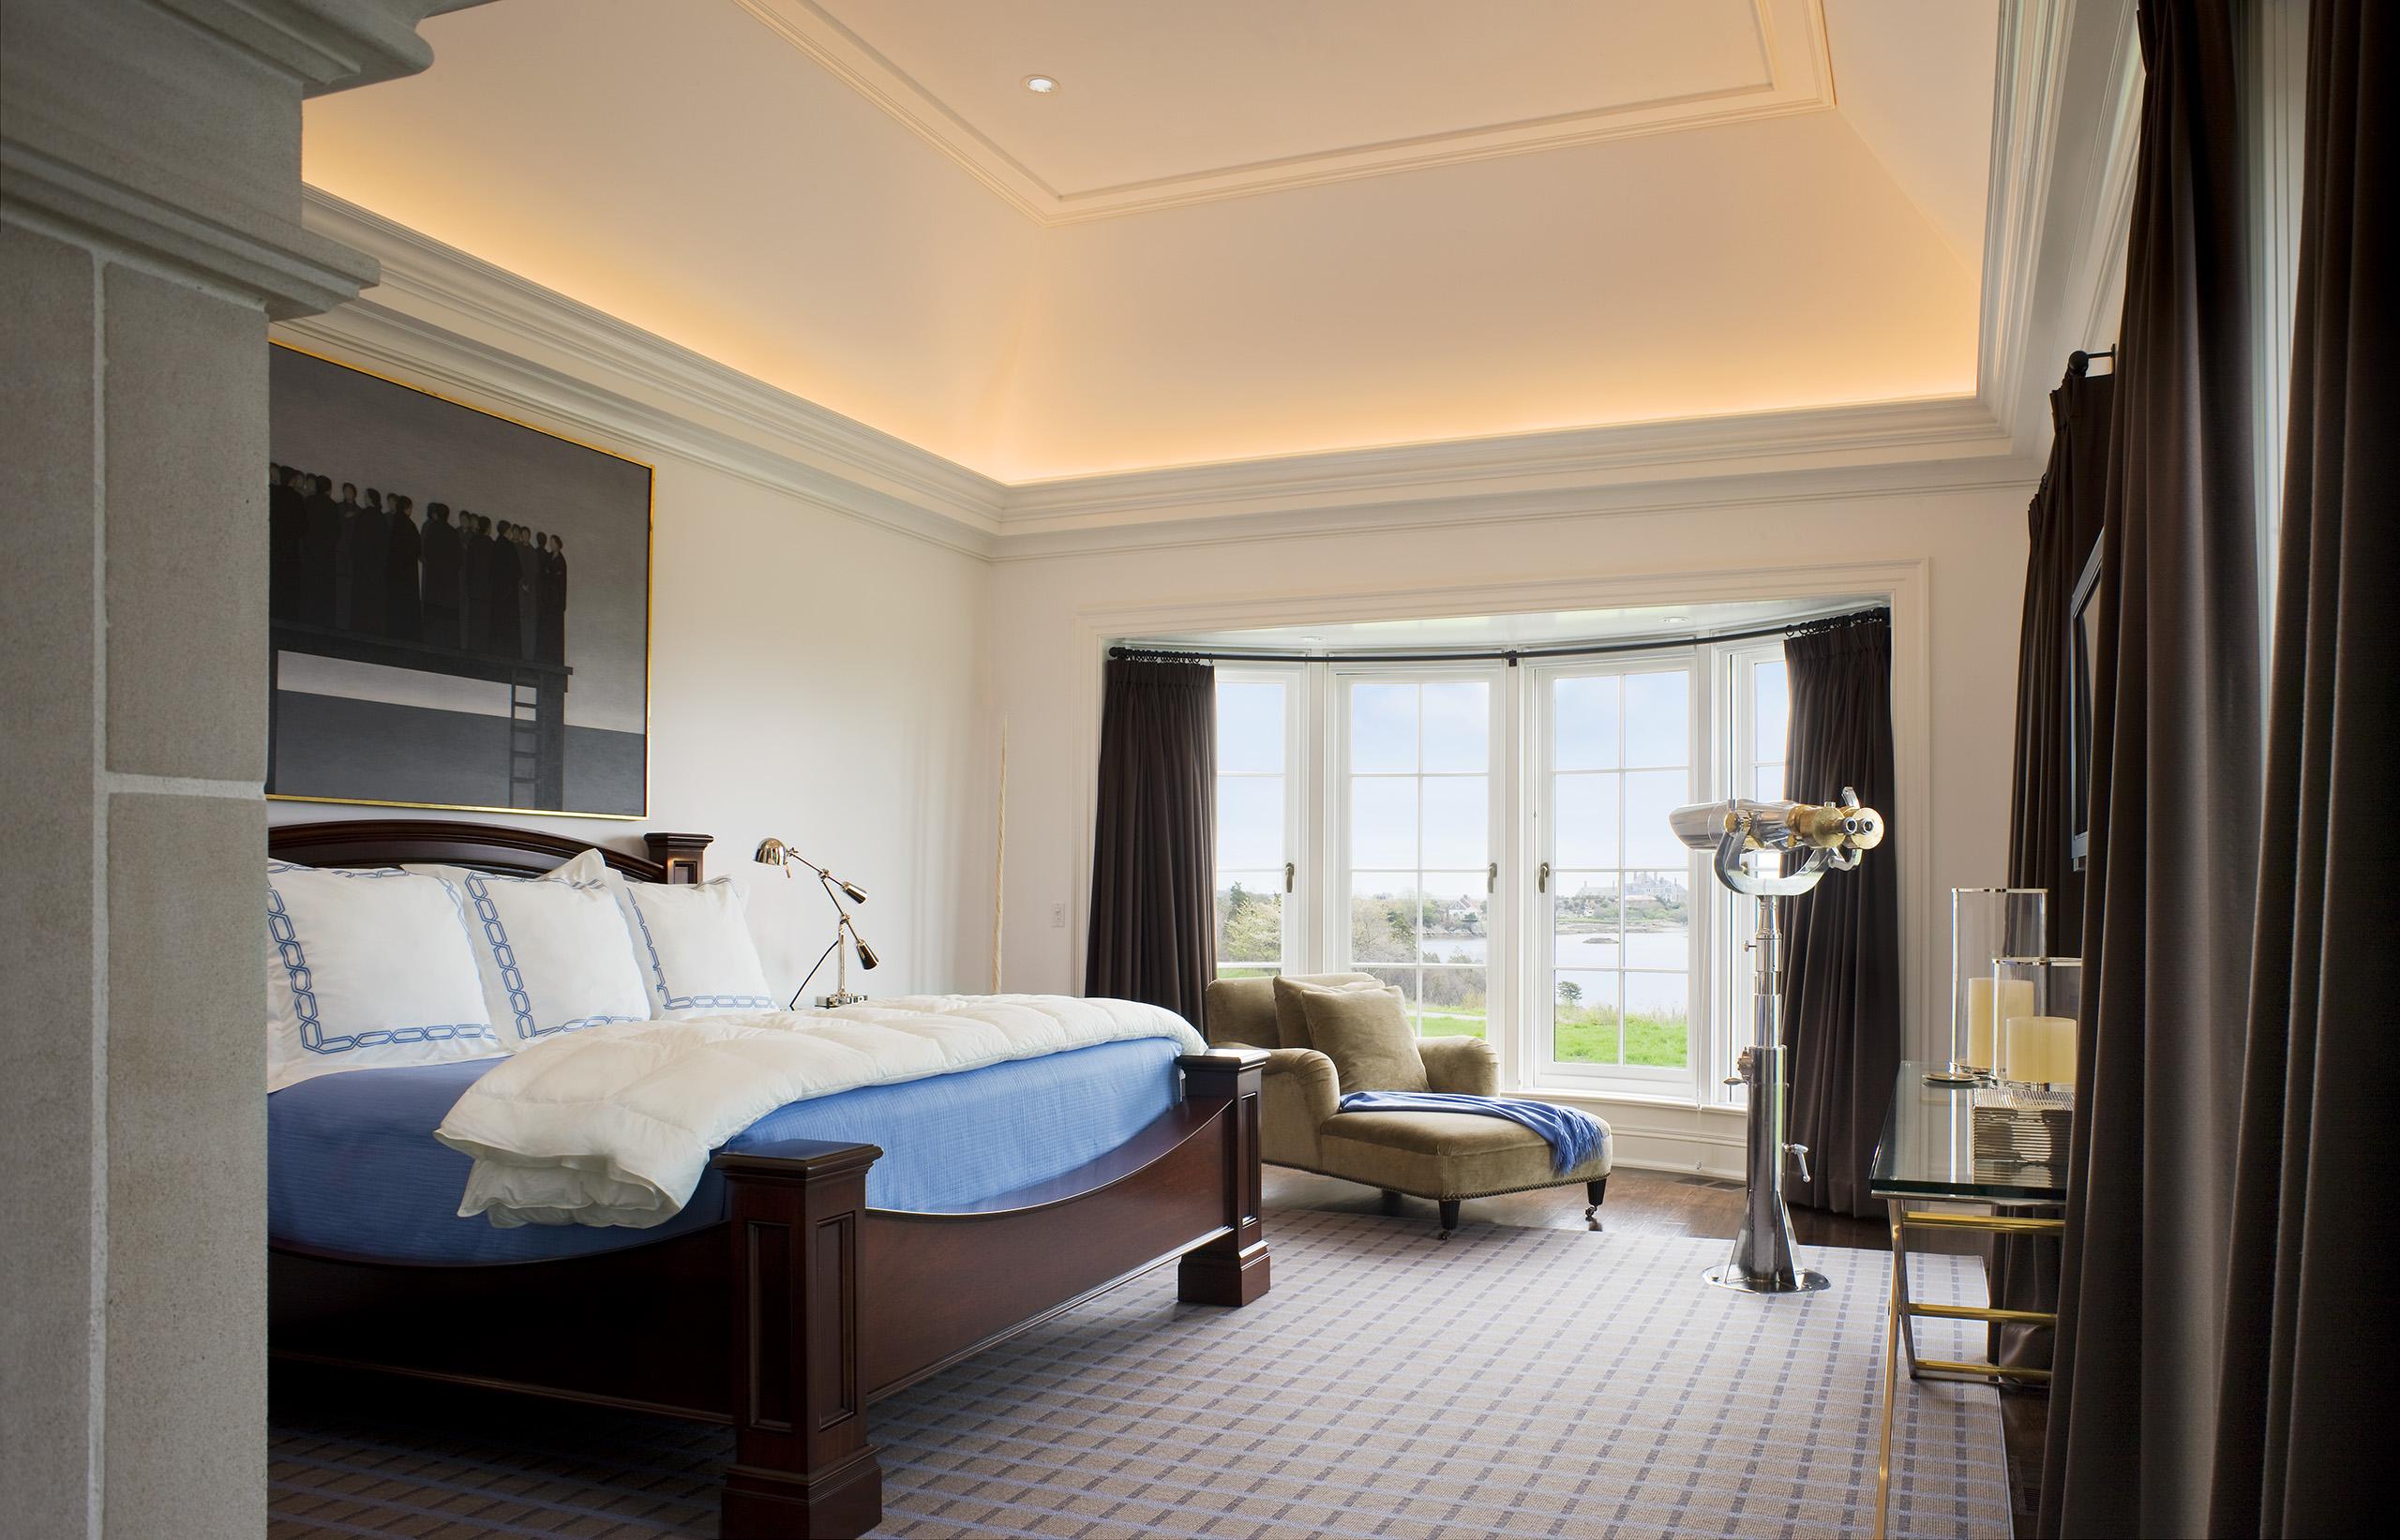 kim kirby master bedroom design